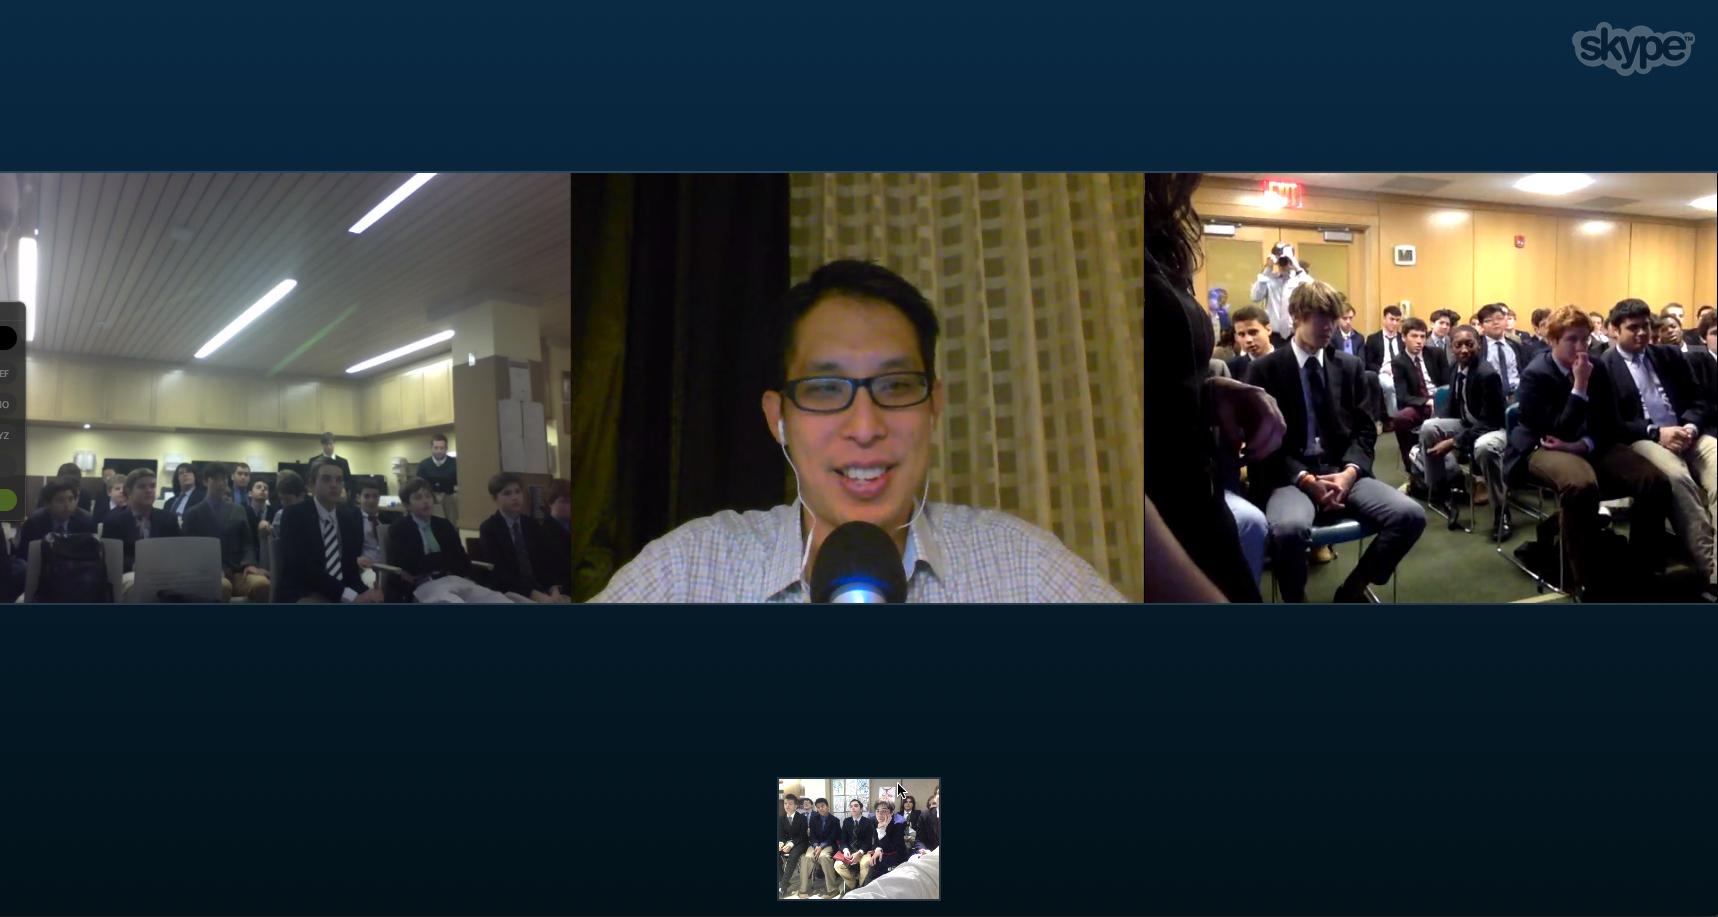 Skype Screen Grab.jpg